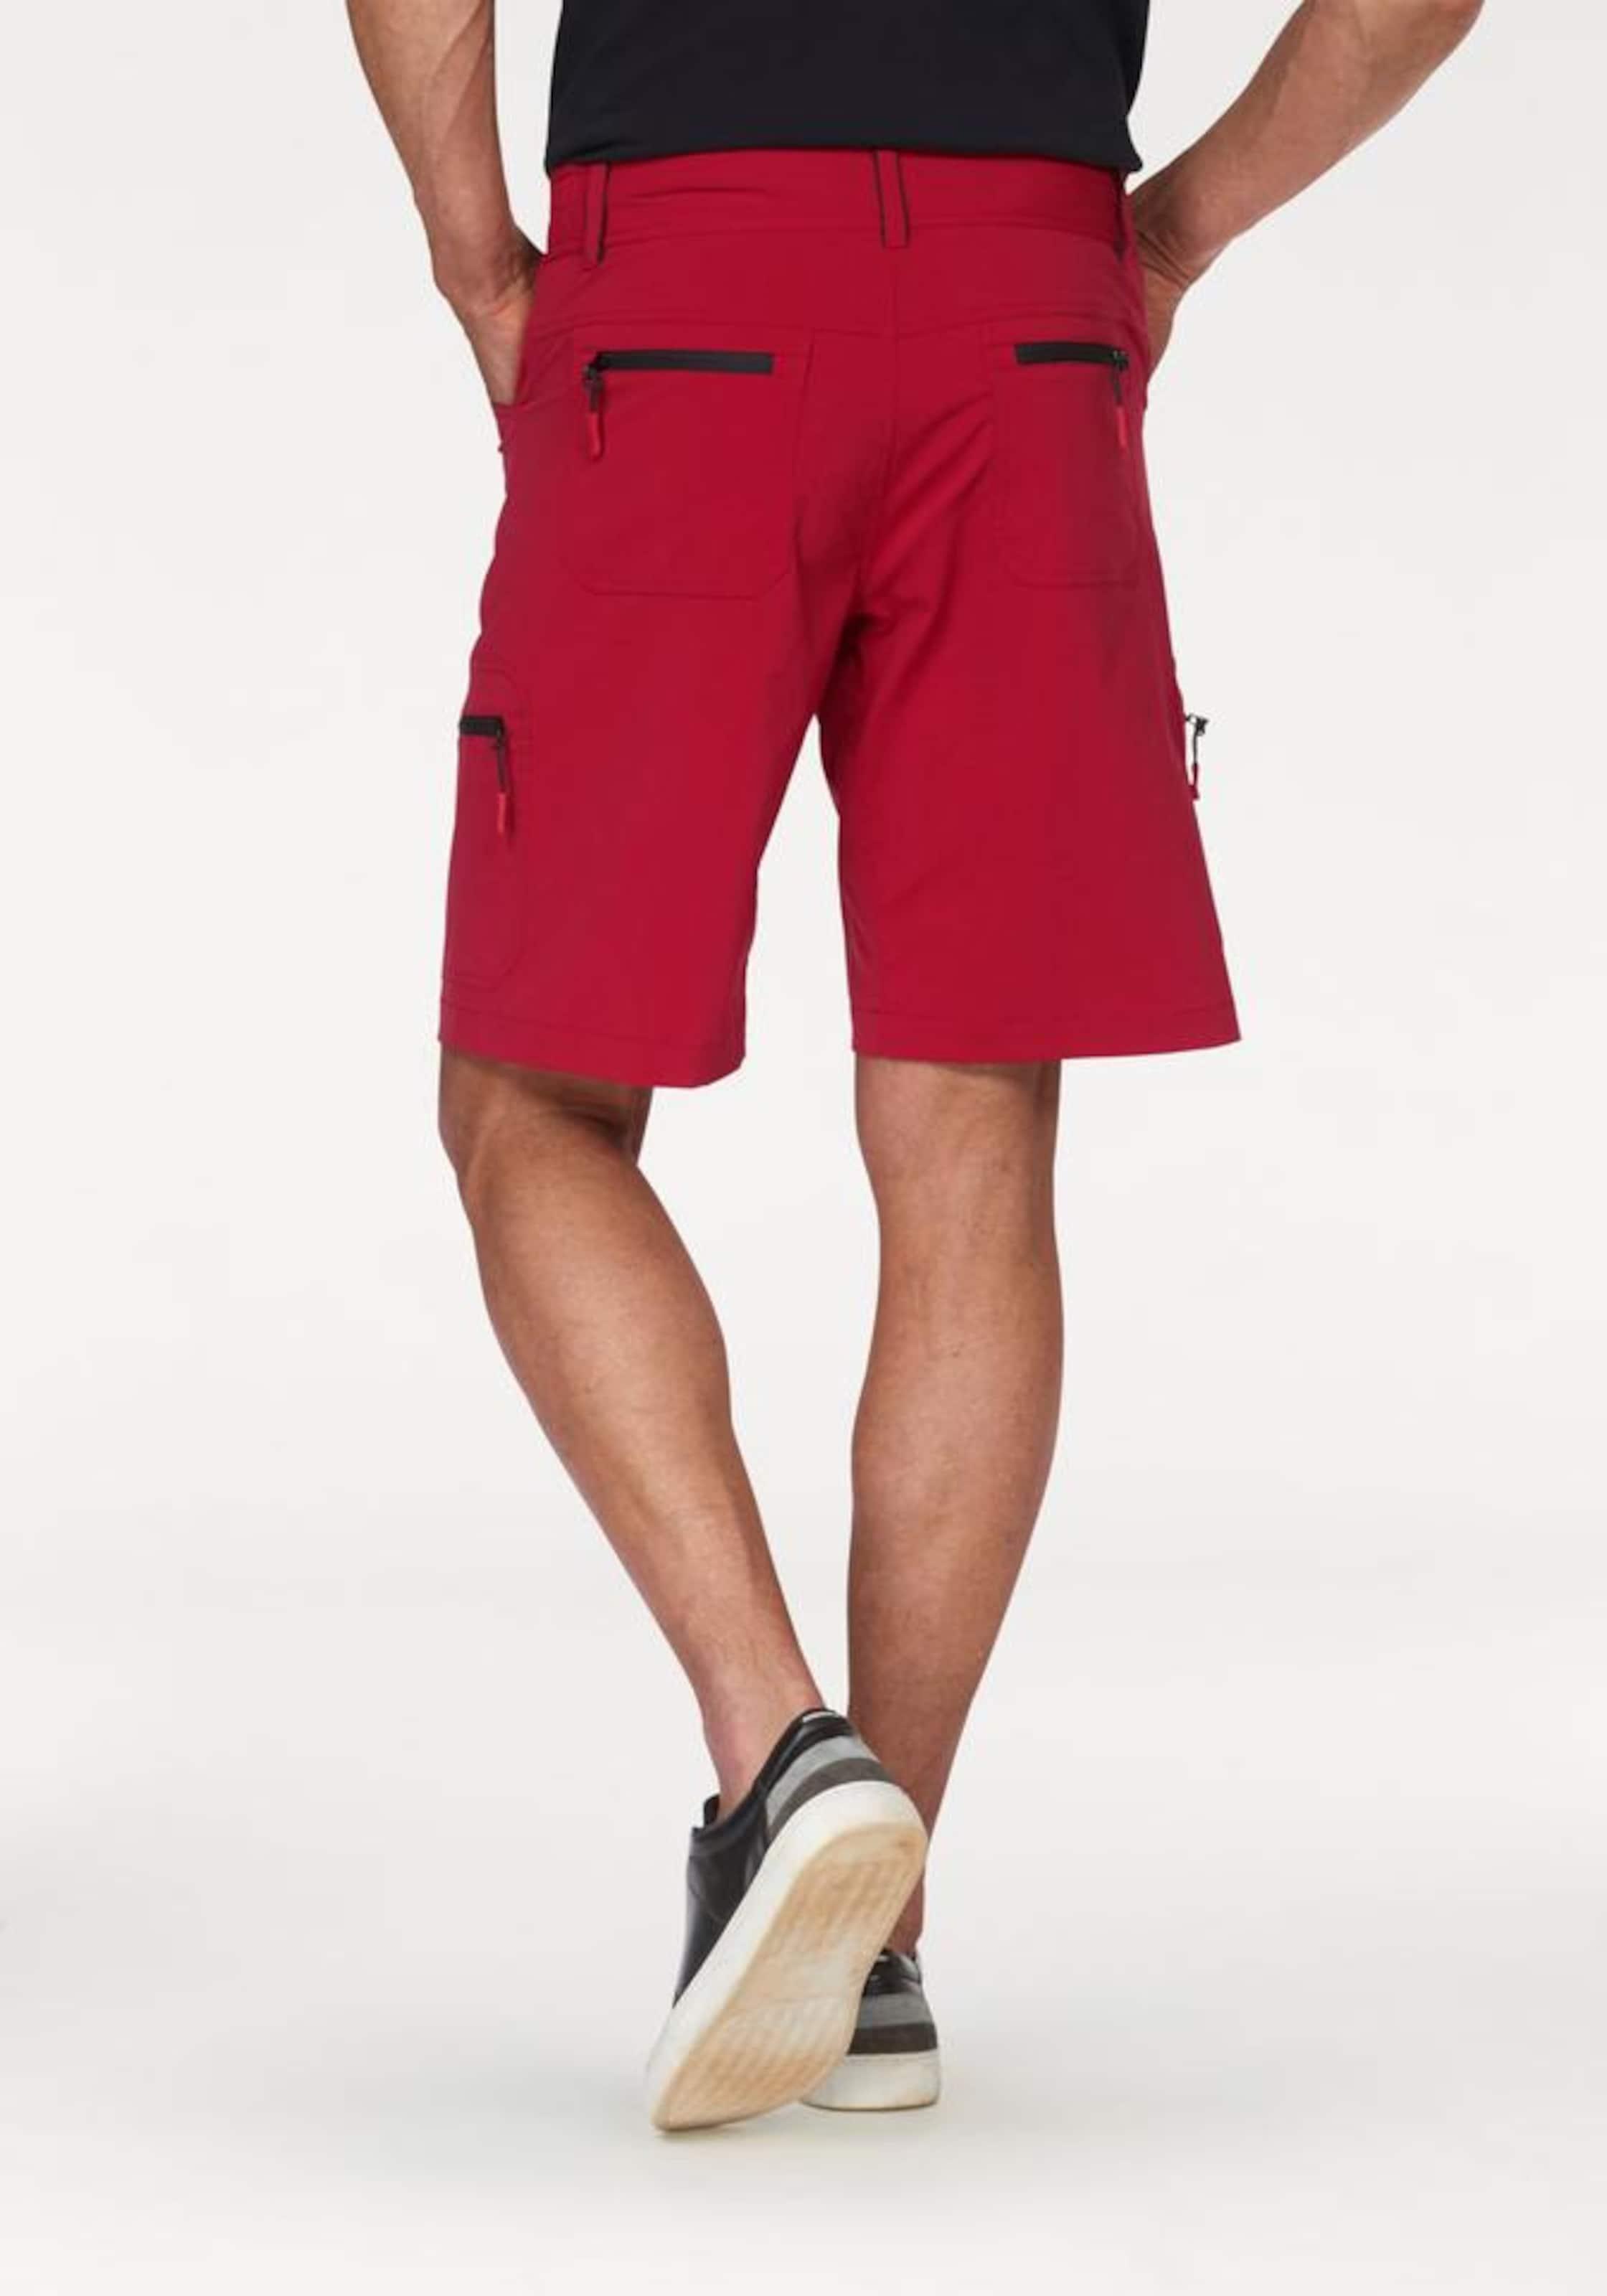 In World World Shorts Man's In World Man's Man's Rot Rot Shorts Lj54RA